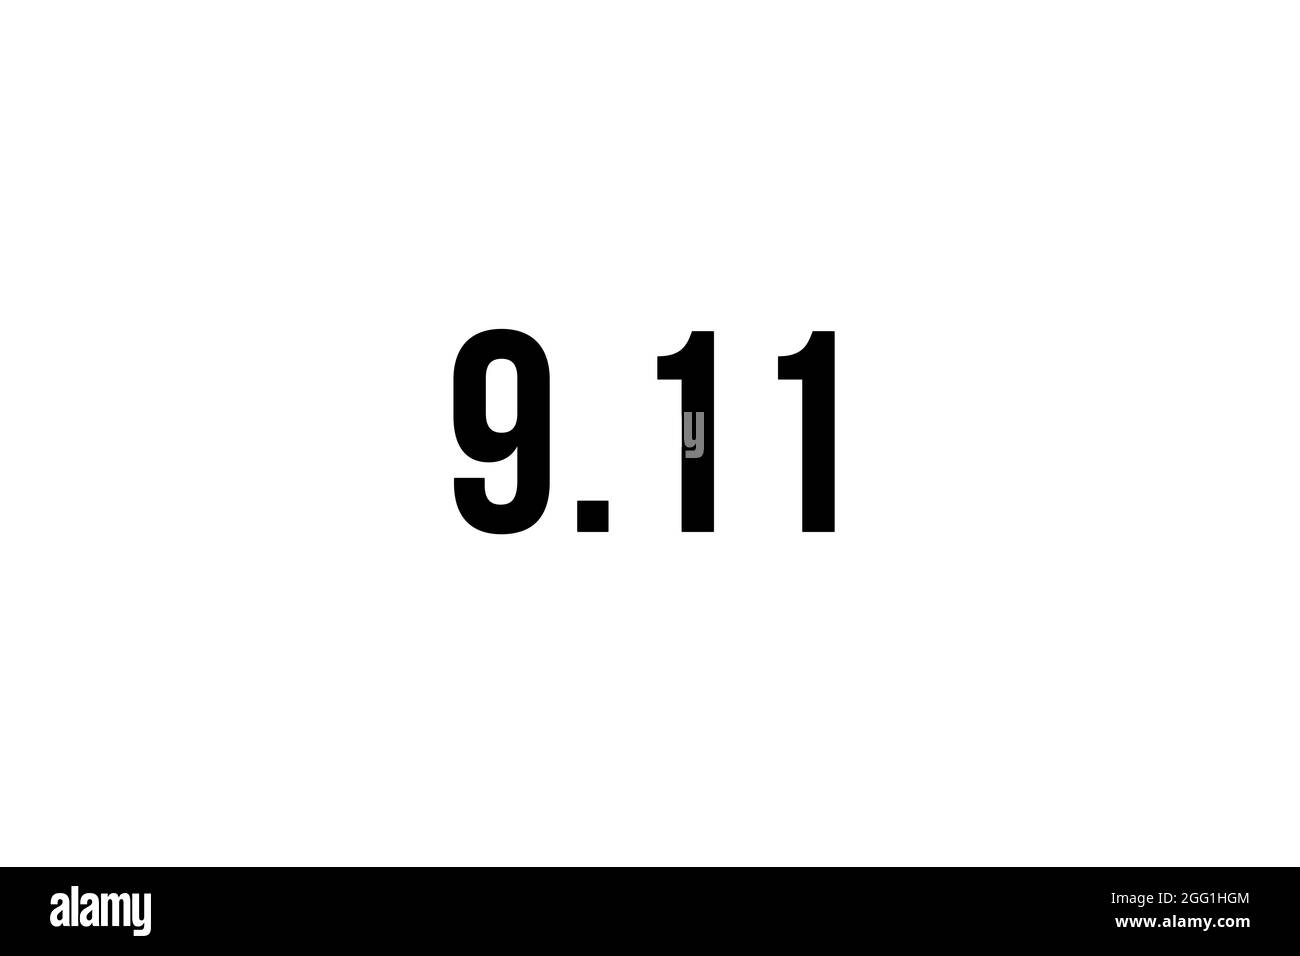 Immer erinnern 9 11, september 11. Erinnerung, Patriot Day. Wir werden nie vergessen, die Terroranschläge von 2021 Stockfoto